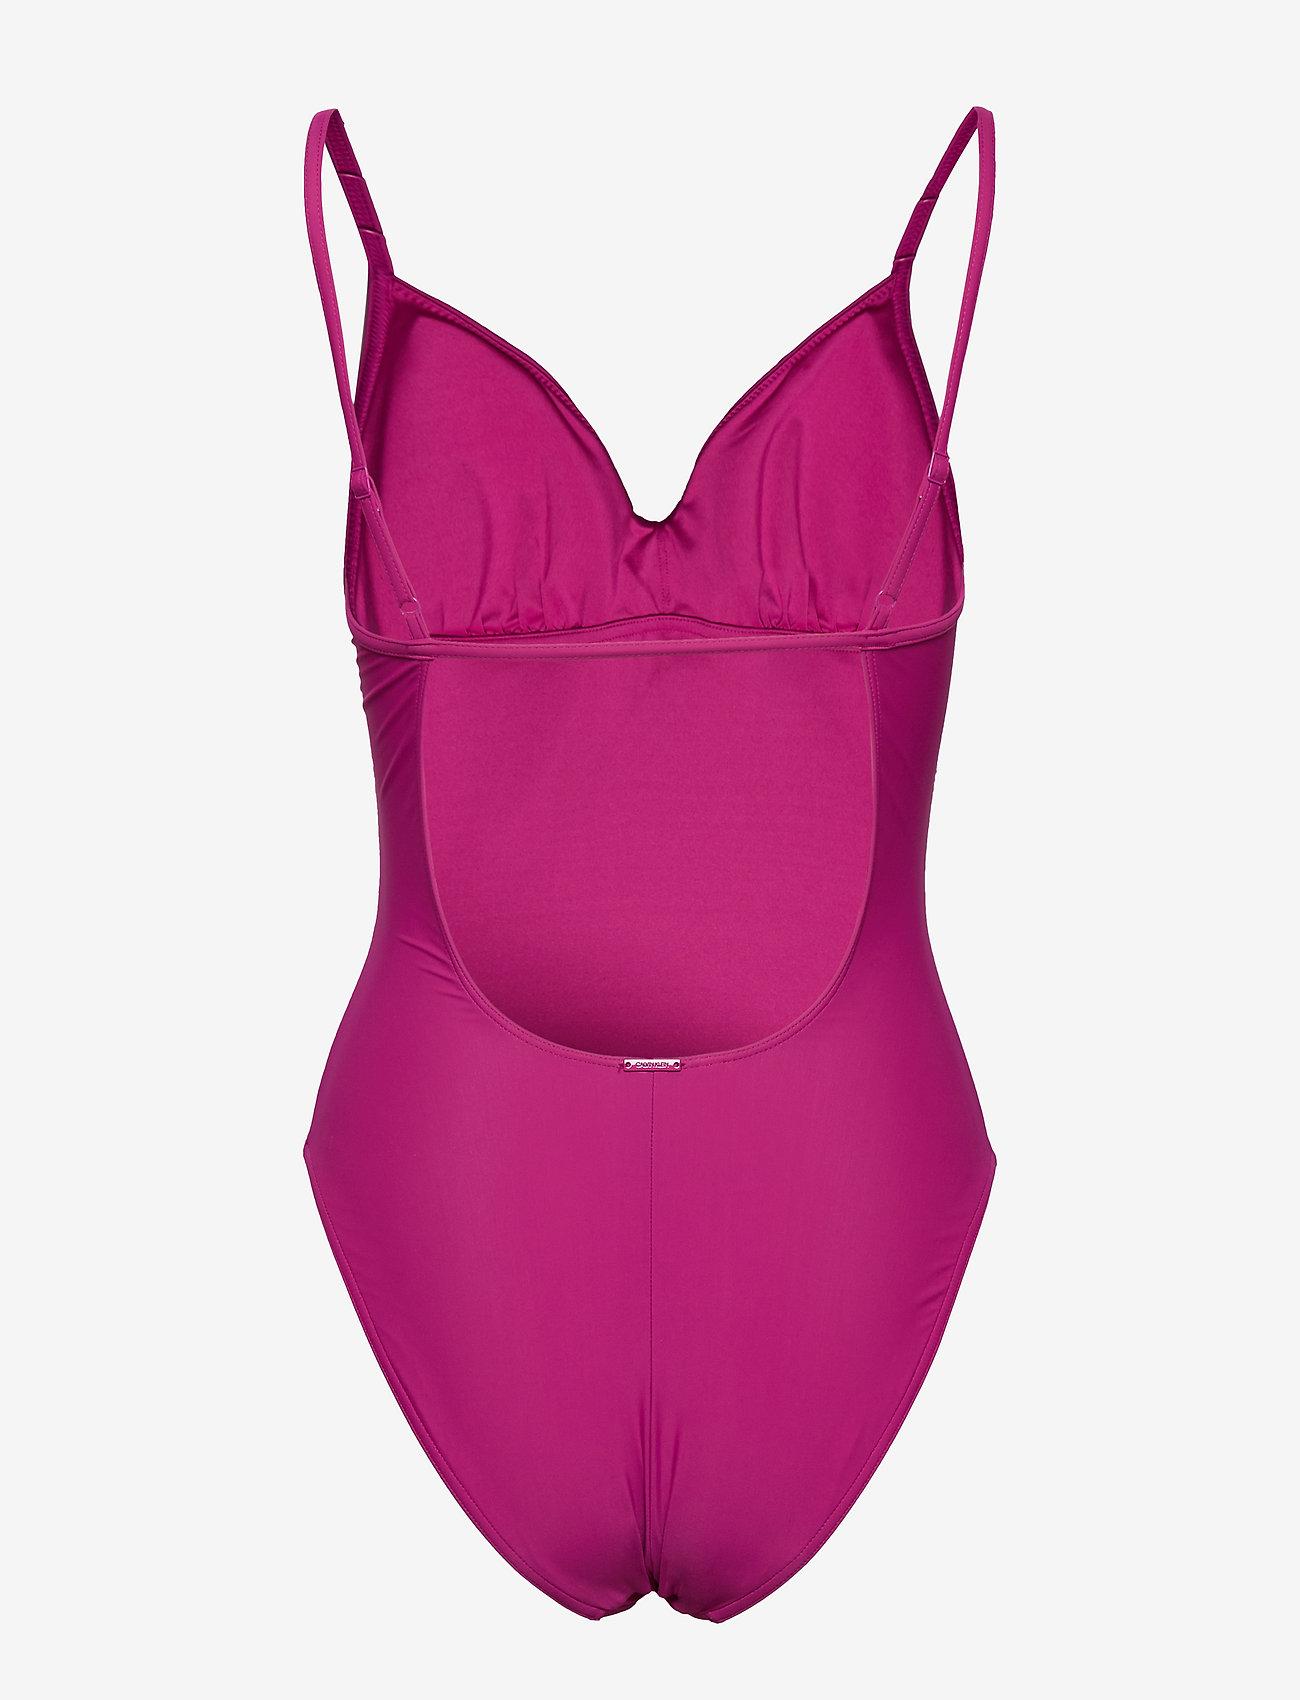 Calvin Klein ONE PIECE-RP - Stroje kąpielow FESTIVAL FUCHSIA - Kobiety Odzież.